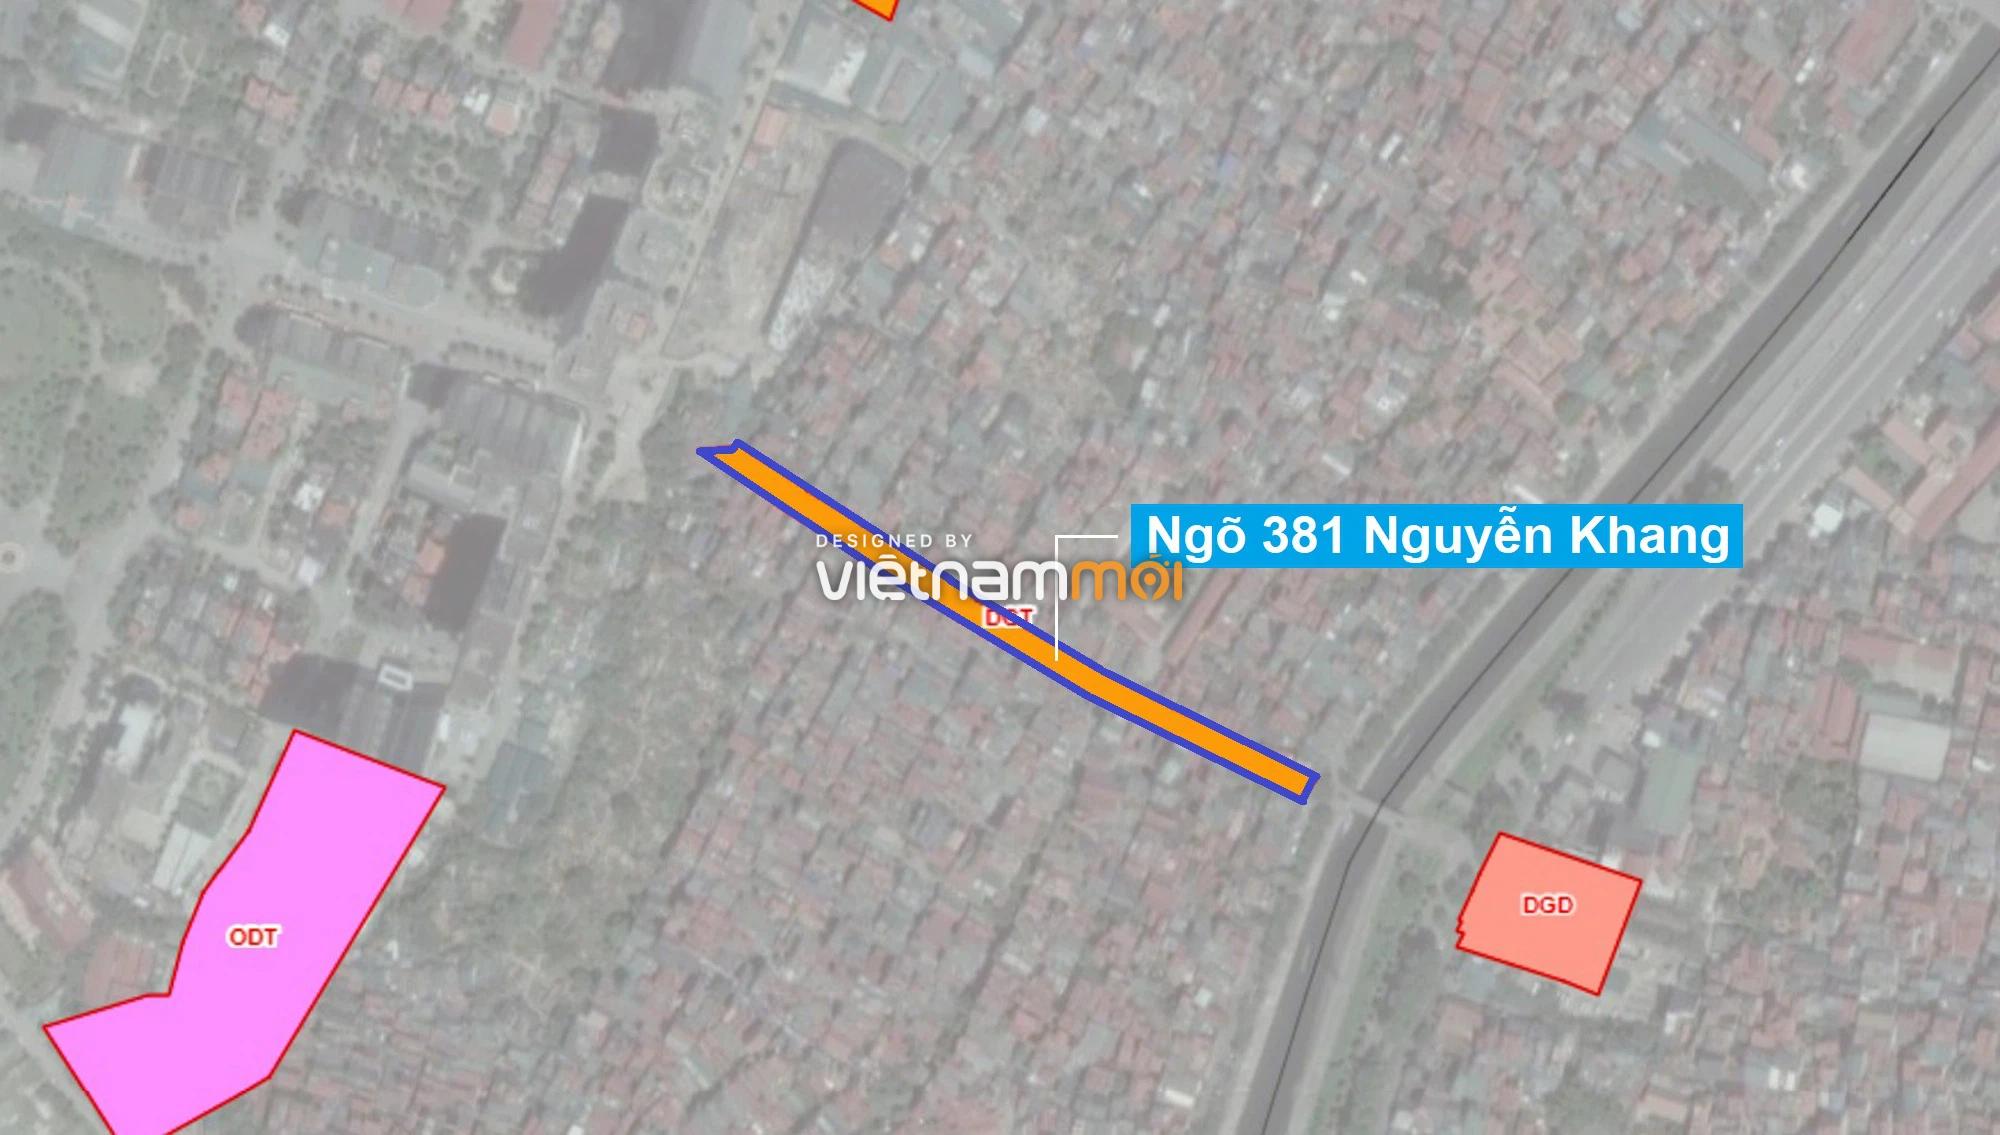 Những khu đất sắp thu hồi để mở đường ở quận Cầu Giấy, Hà Nội - Ảnh 12.